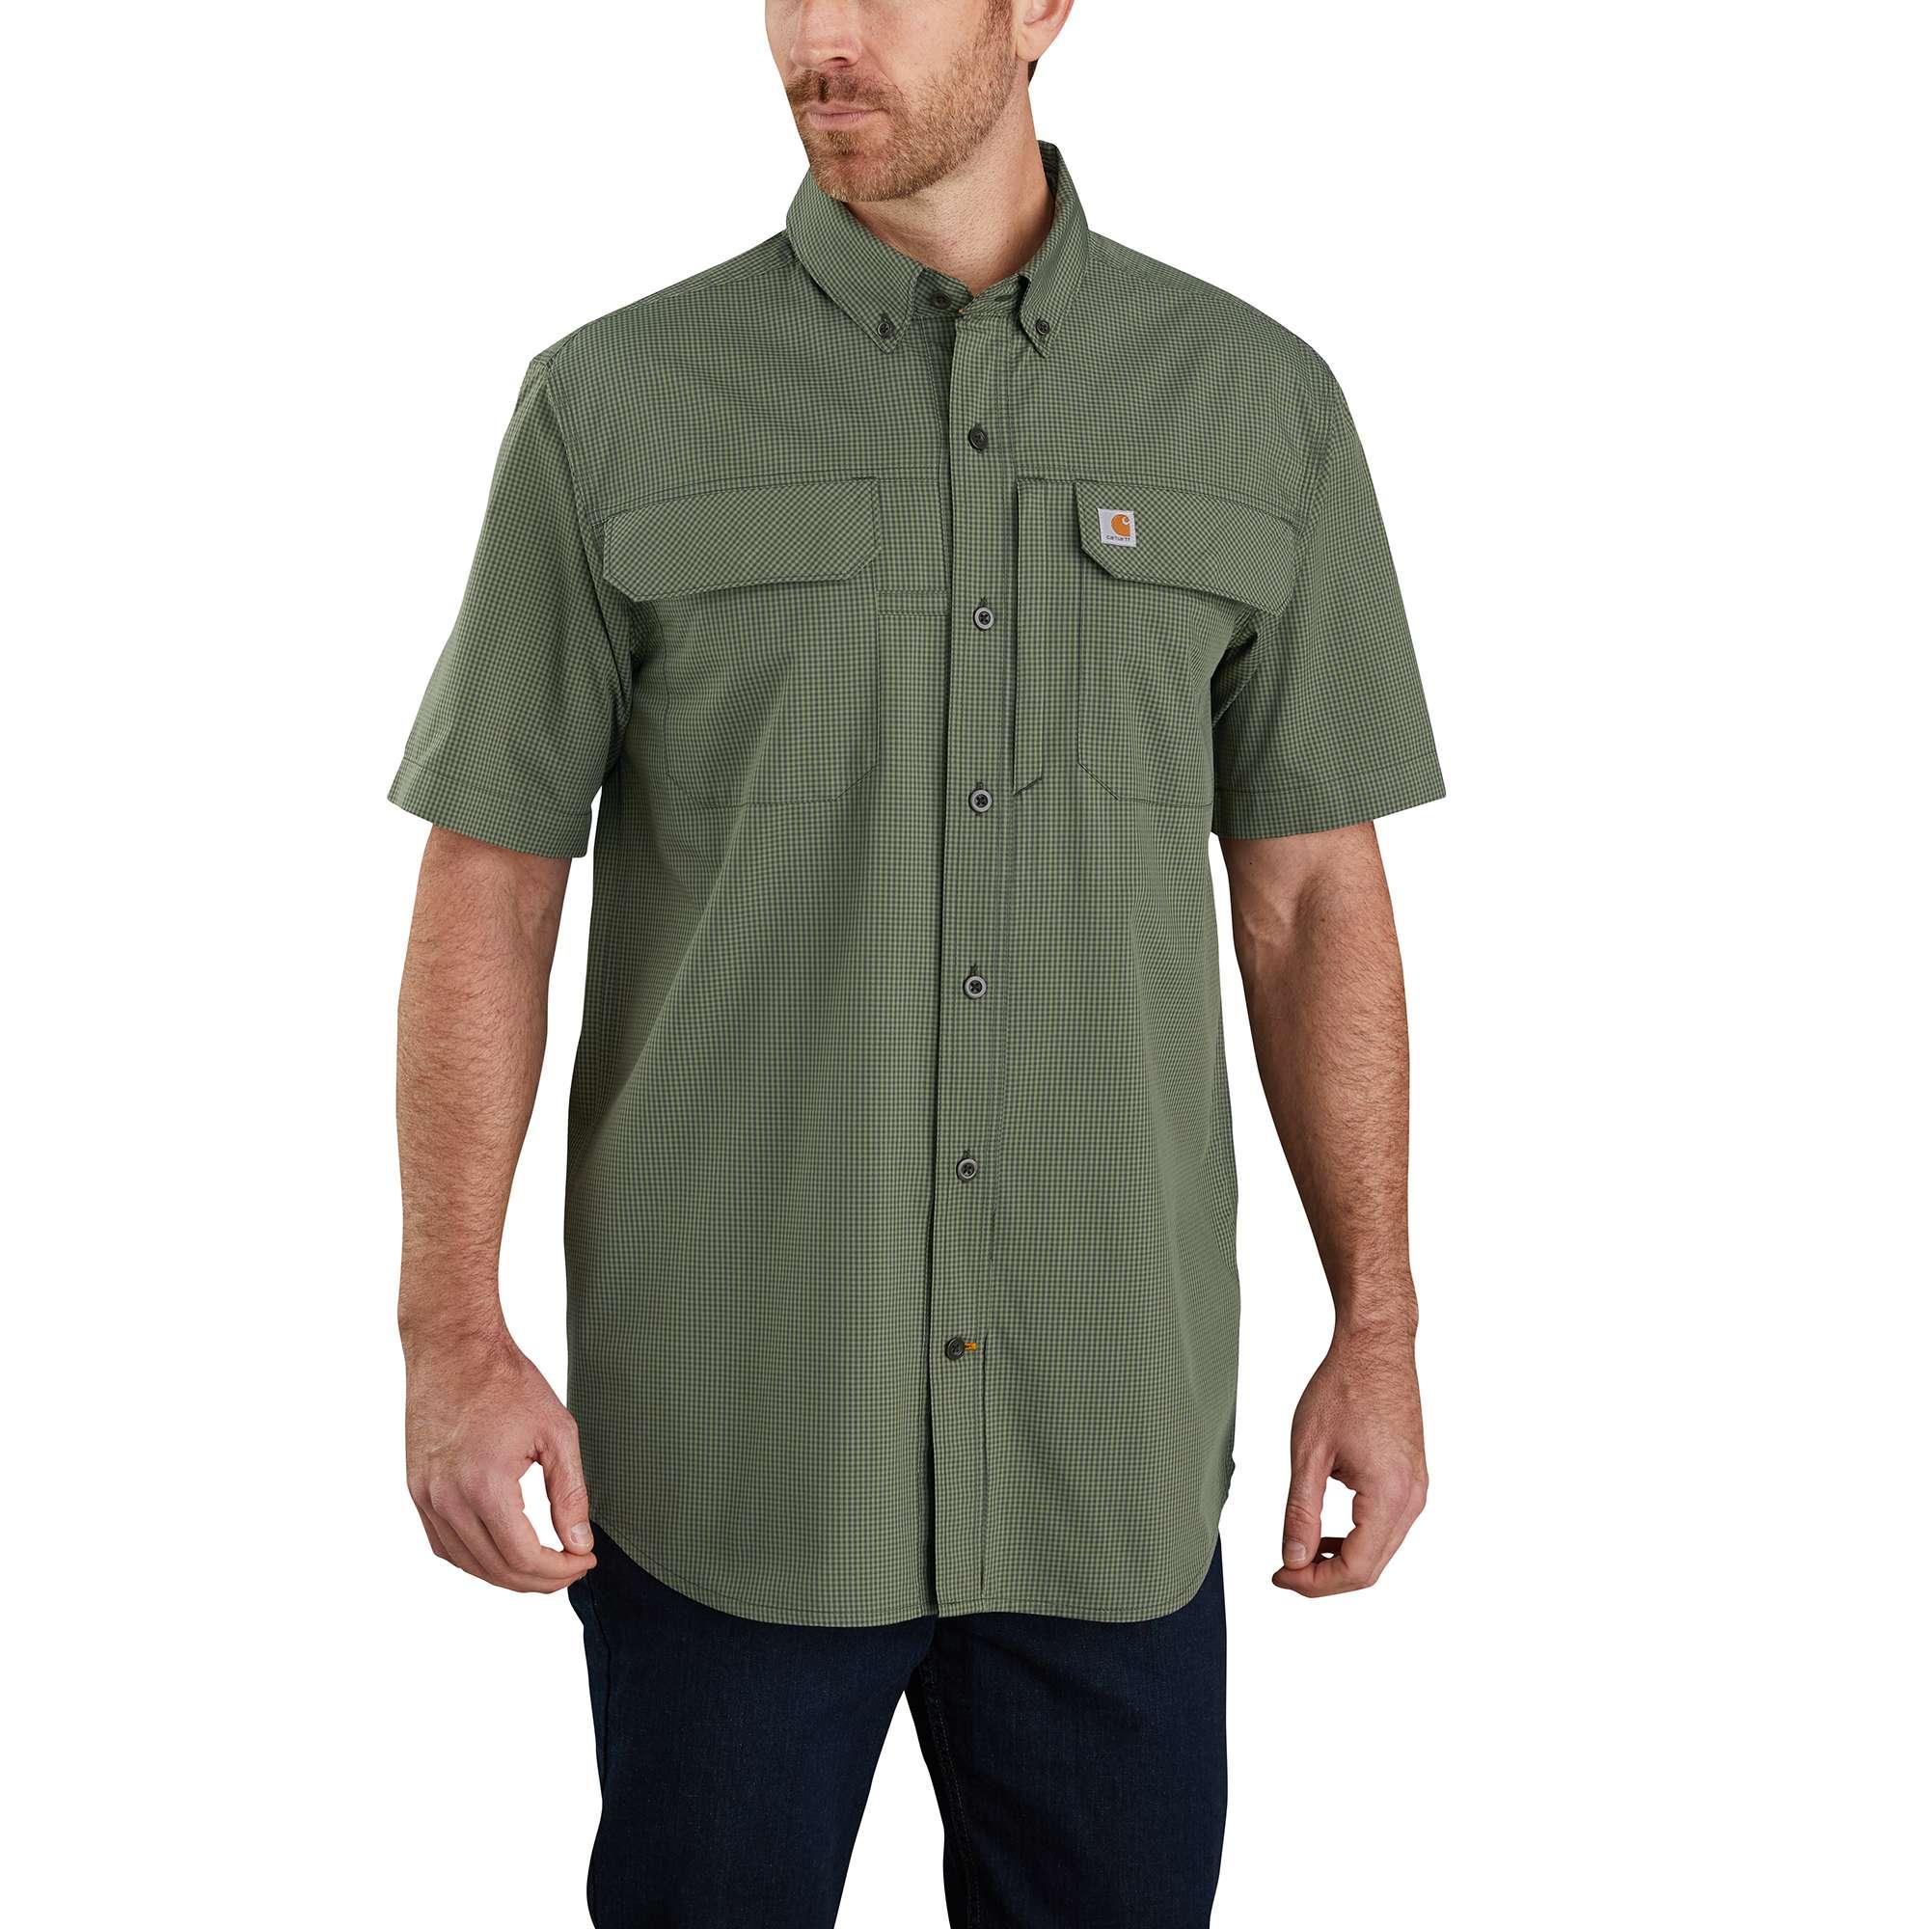 Carhartt Force Relaxed Fit Lightweight Short-Sleeve Button-Front Plaid Shirt